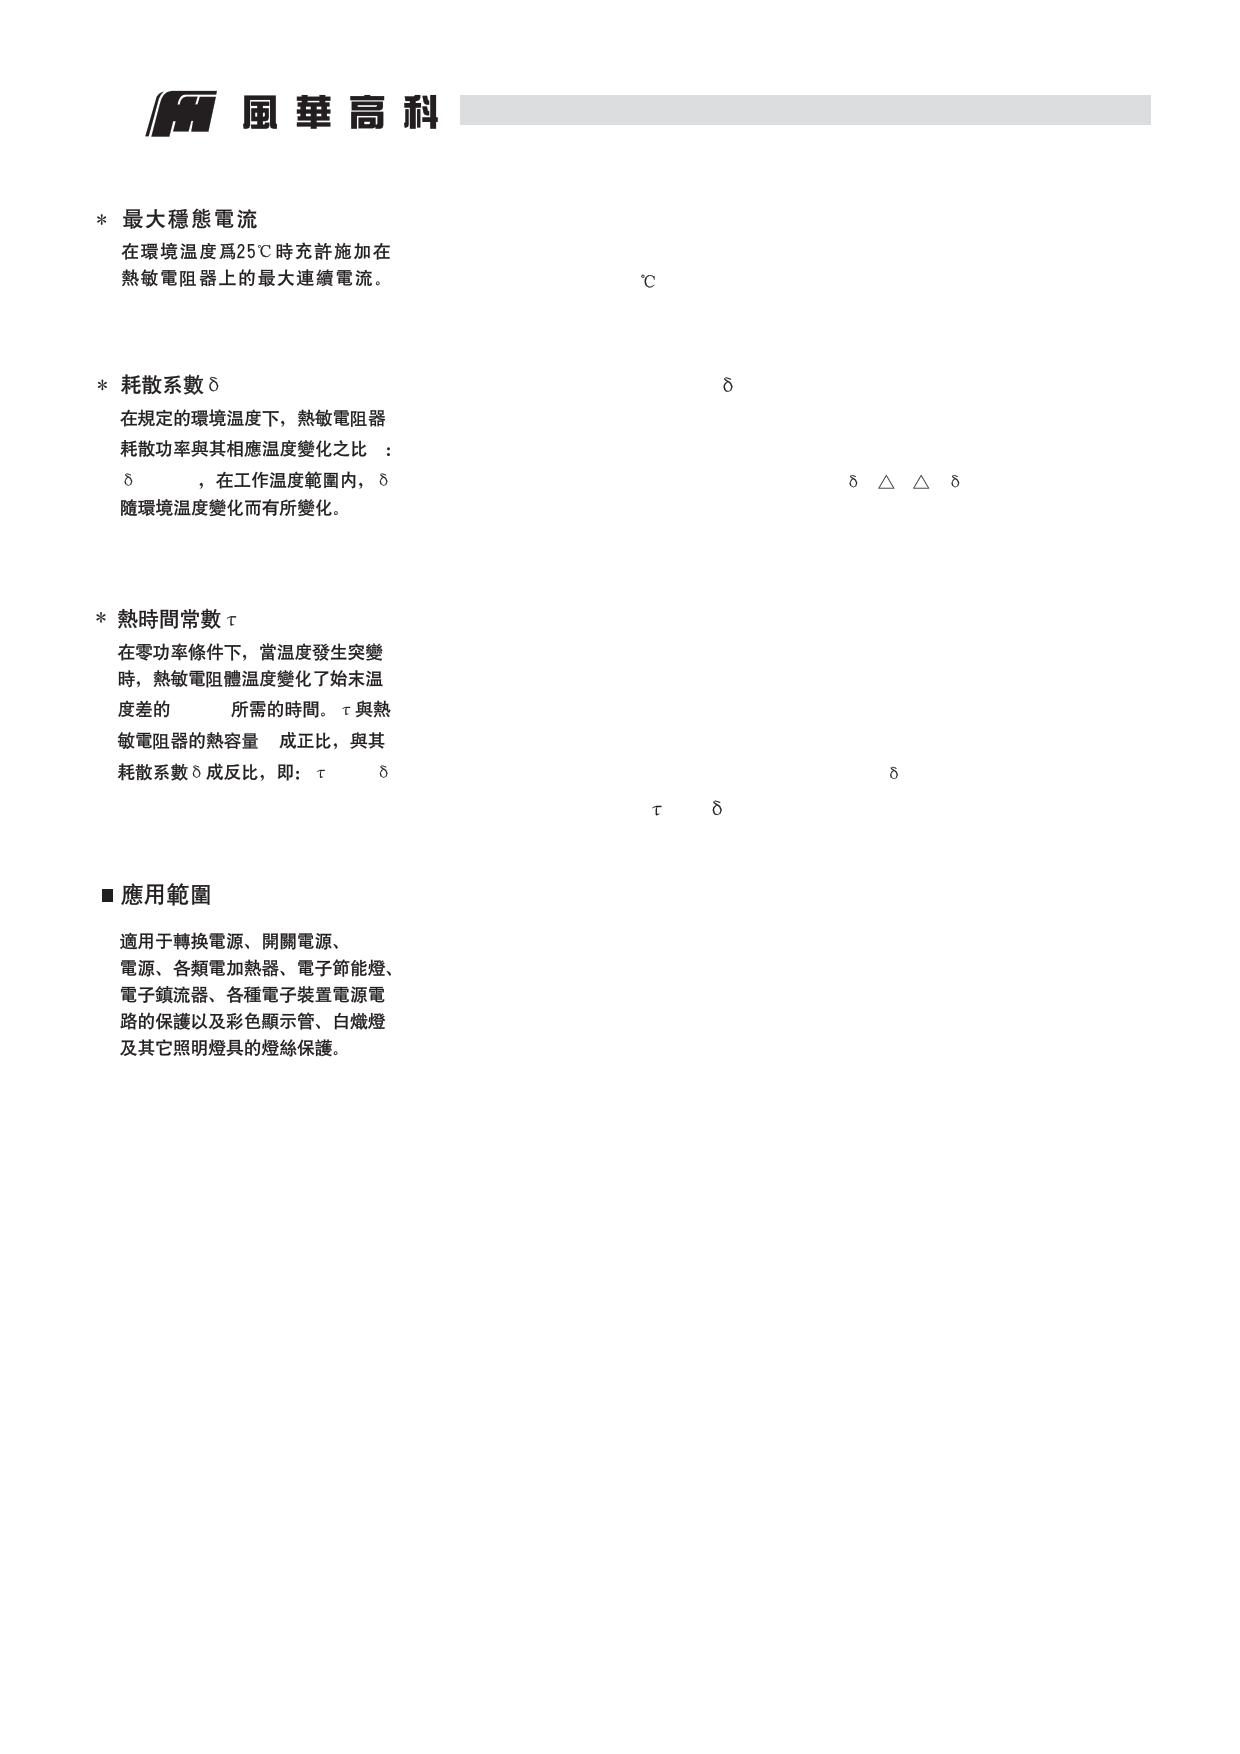 NTC2.5D-11 Даташит, Описание, Даташиты